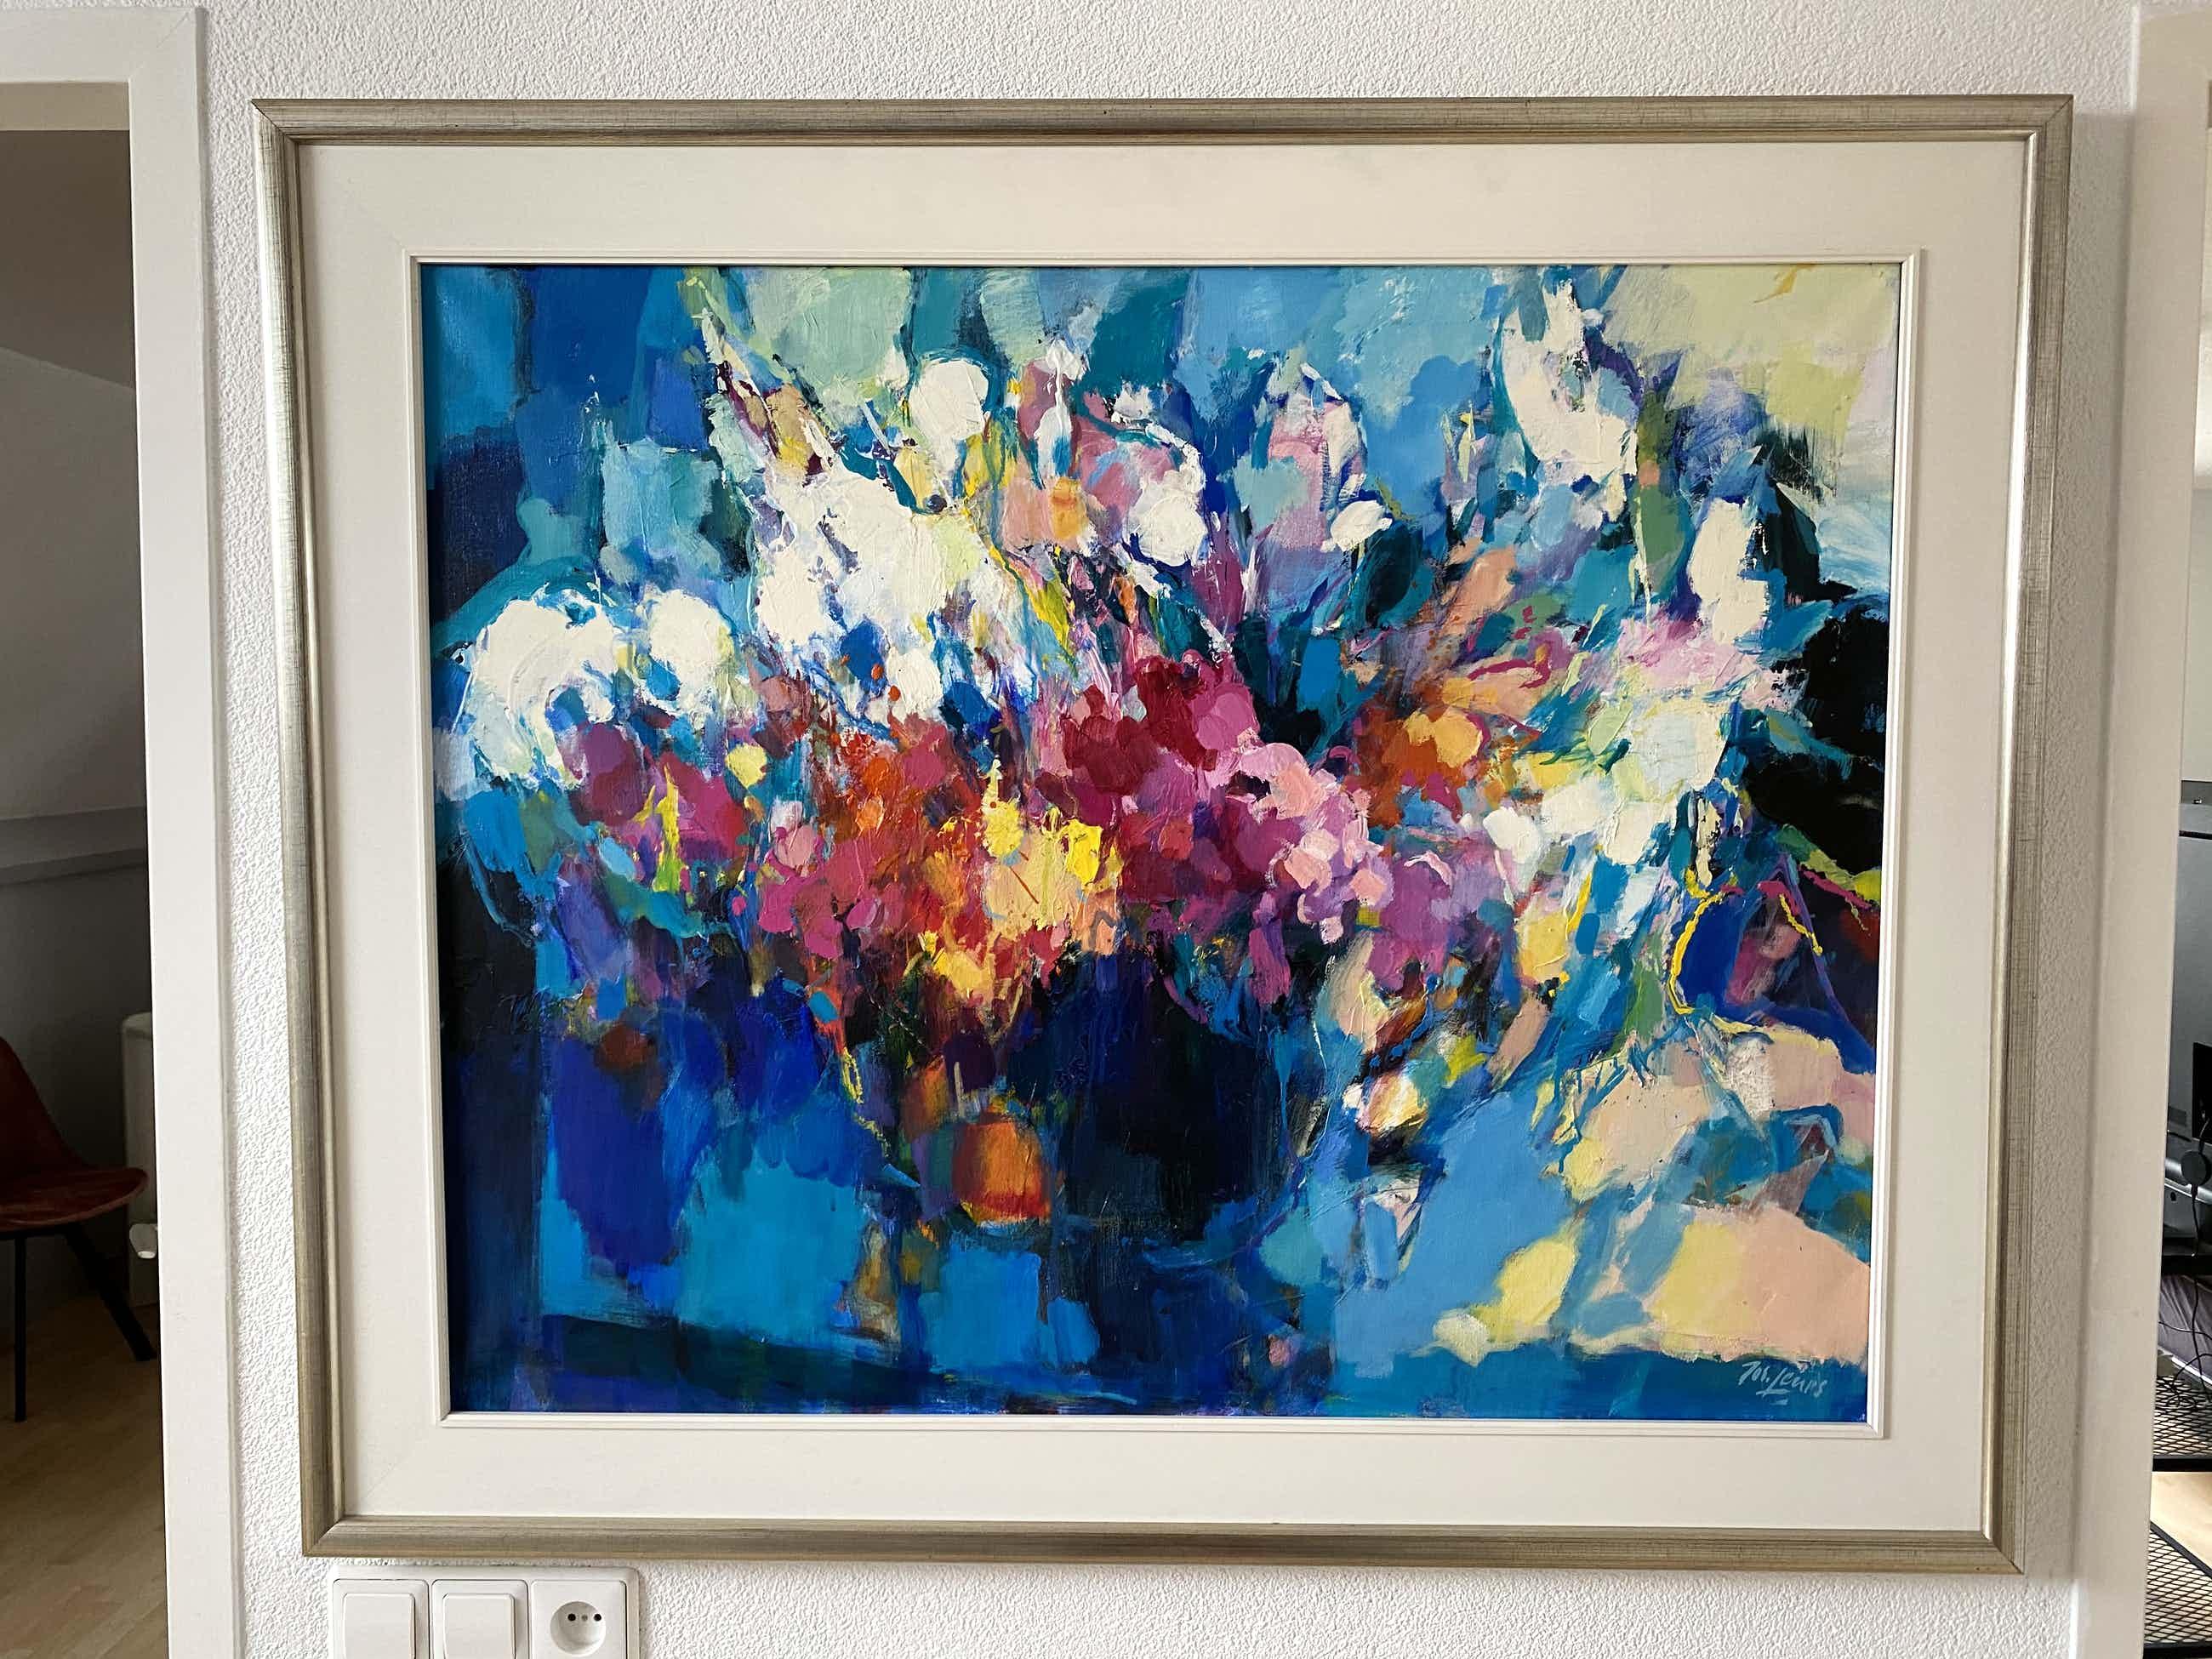 Jos Leurs - Abstract expressionistisch bloemenstilleven kopen? Bied vanaf 800!